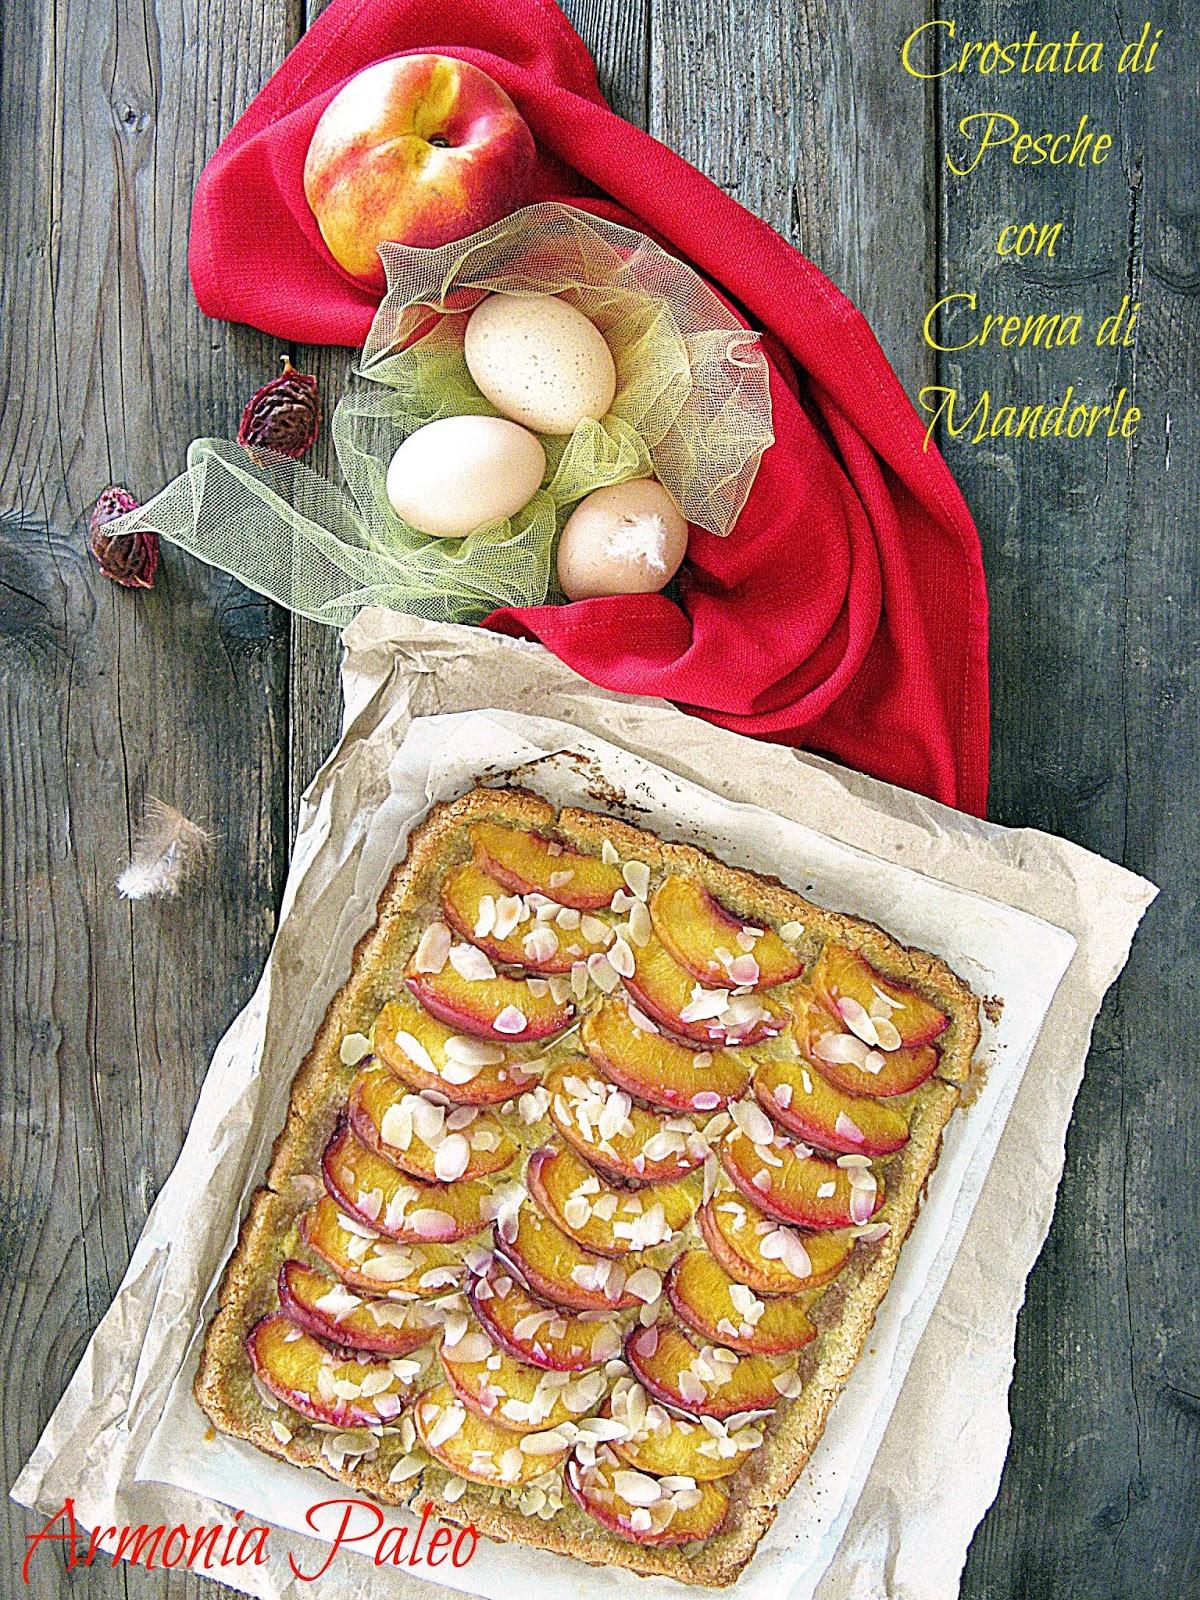 Crostata di Pesche con Crema di Mandorle di Armonia Paleo